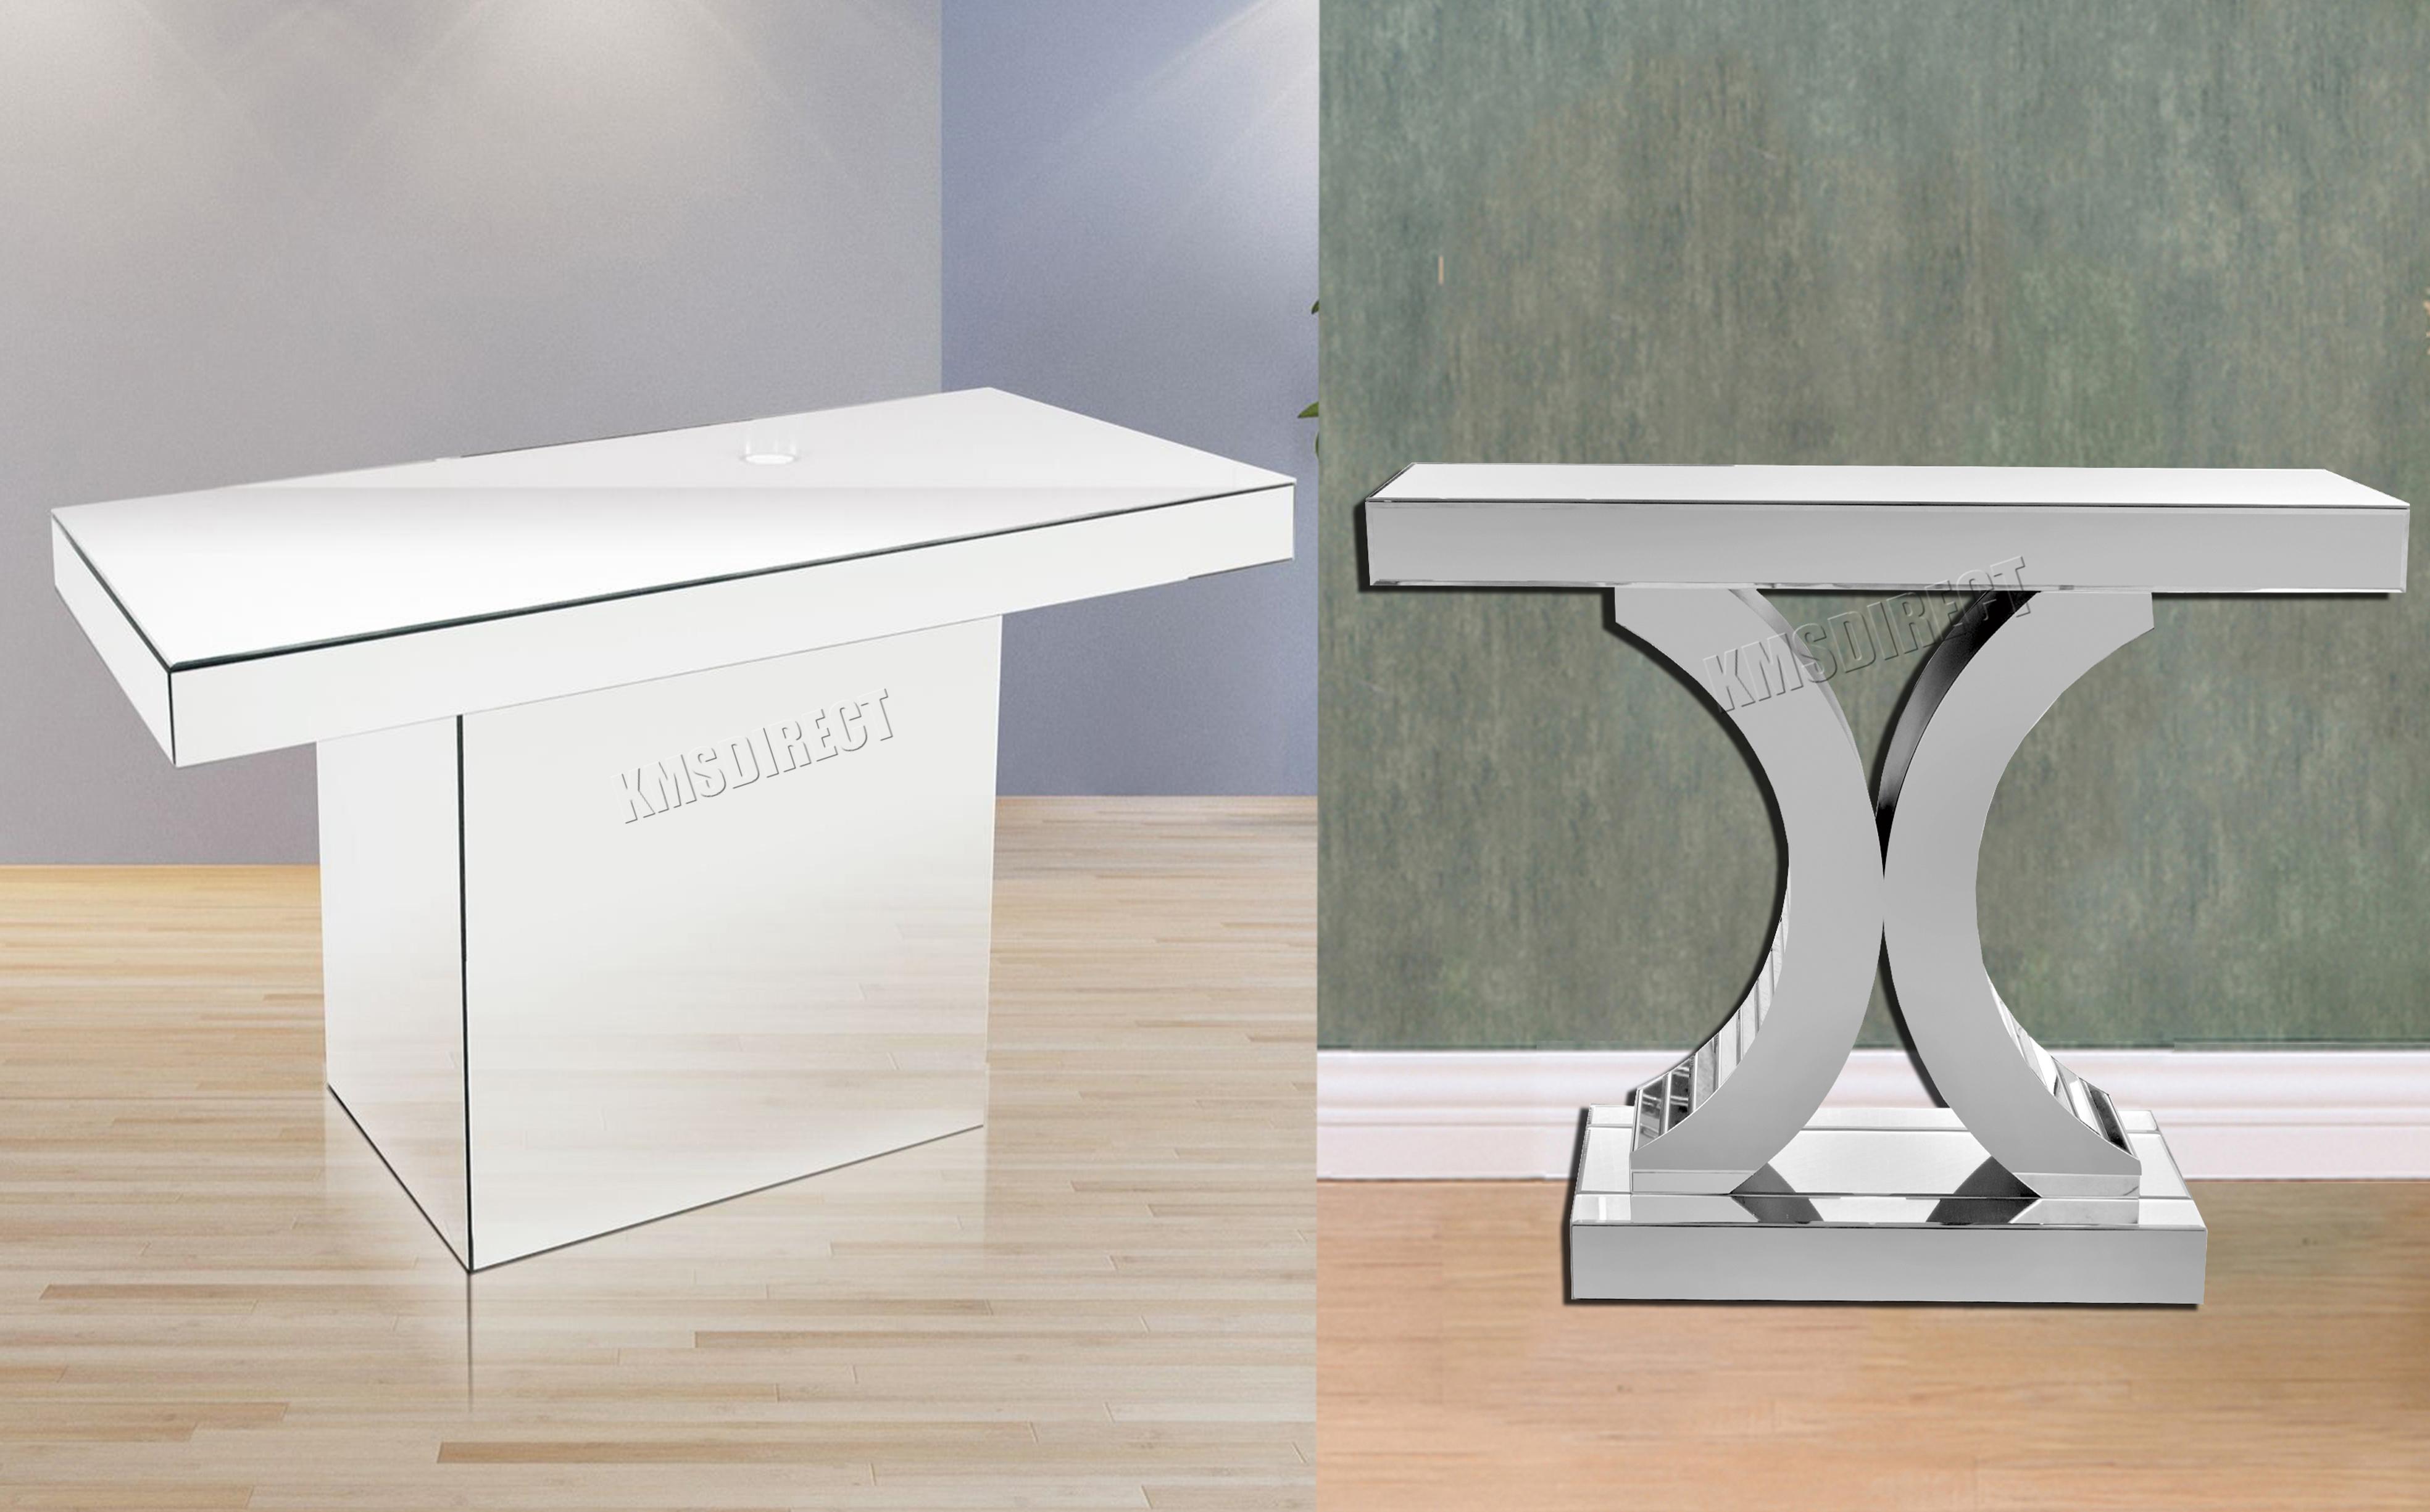 Foxhunter copié meuble table en verre console bureau chambre maison